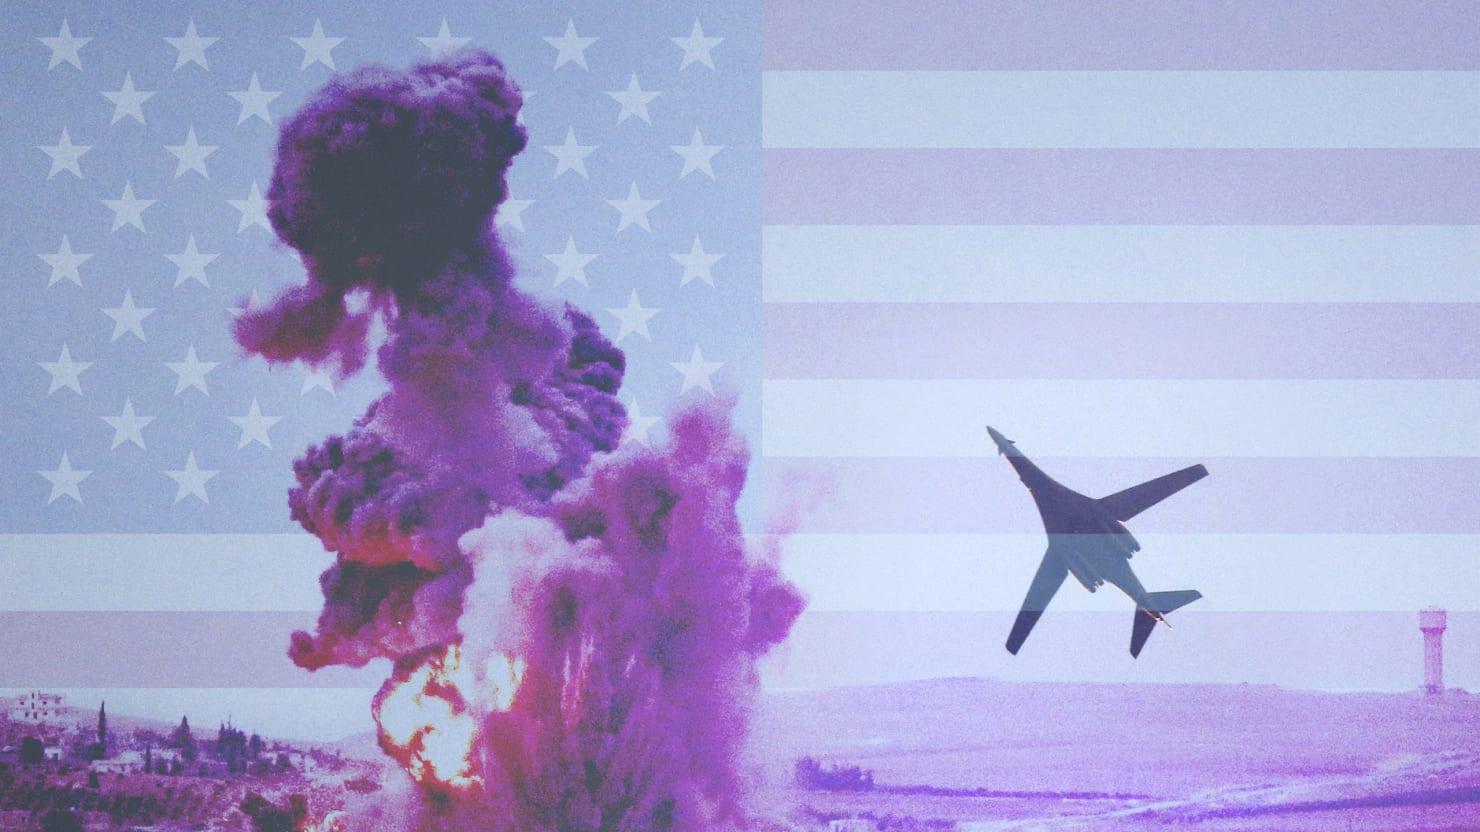 Exclusive: Pentagon Admits Anti-ISIS Strikes Killed Civilians